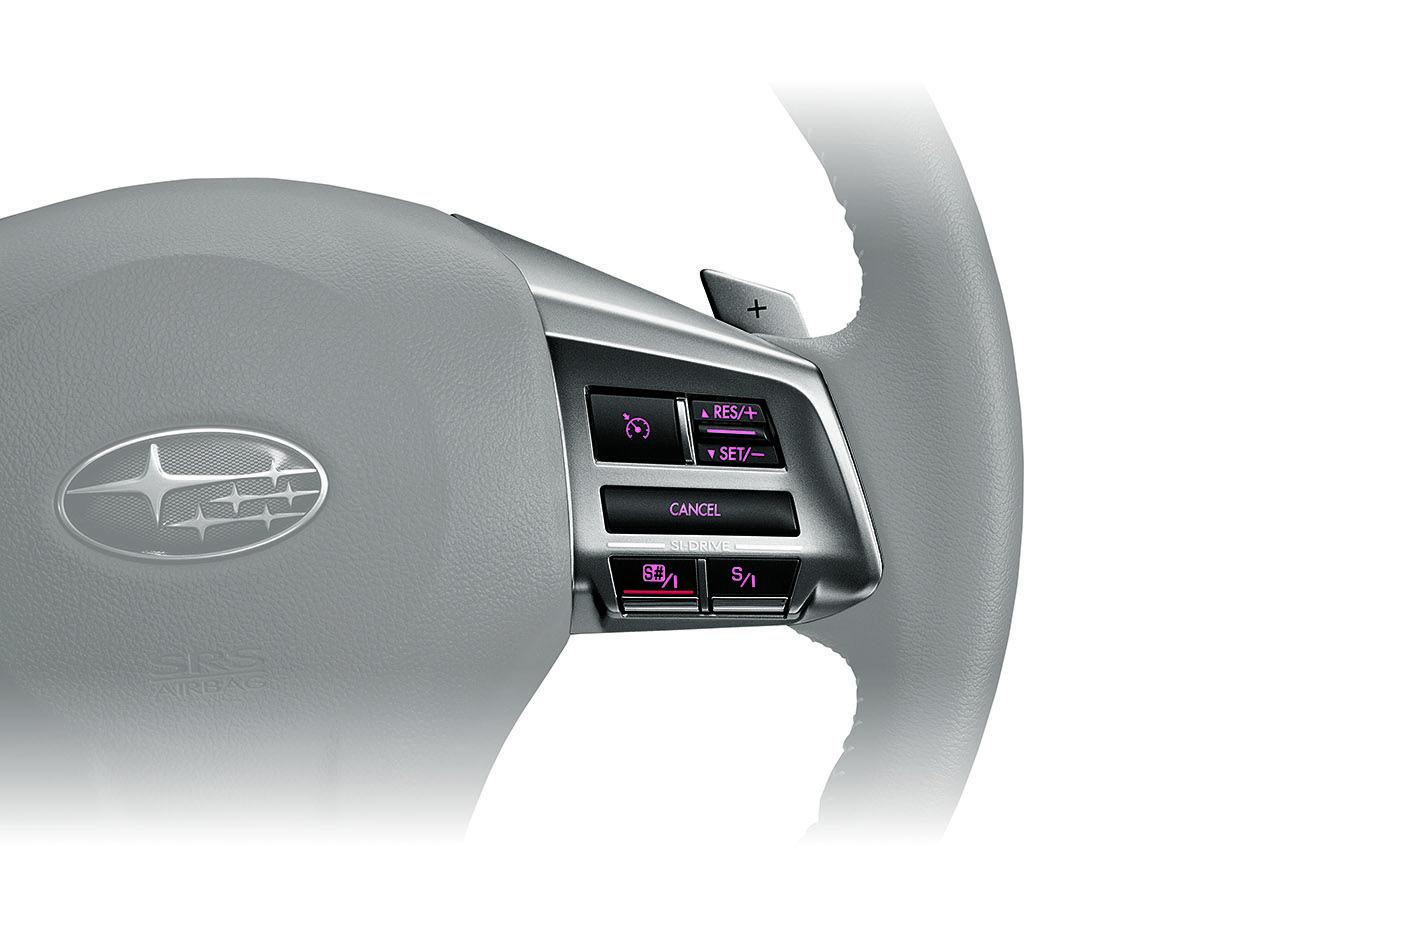 La Subaru Forester 2015 a été conçue pour se démarquer de la concurrence. Ce VUS compact combine comme nul autre des capacités passe-partout et tout-terrain, une fiabilité à toute épreuve, des éléments de sécurité de premier plan, une valeur exceptionnelle et un pur agrément de conduite. Le légendaire système de traction intégrale symétrique à prise constante Subaru a été bonifié ici d'une fonction X-Mode. http://www.optionsubaru.com/neuf/forester